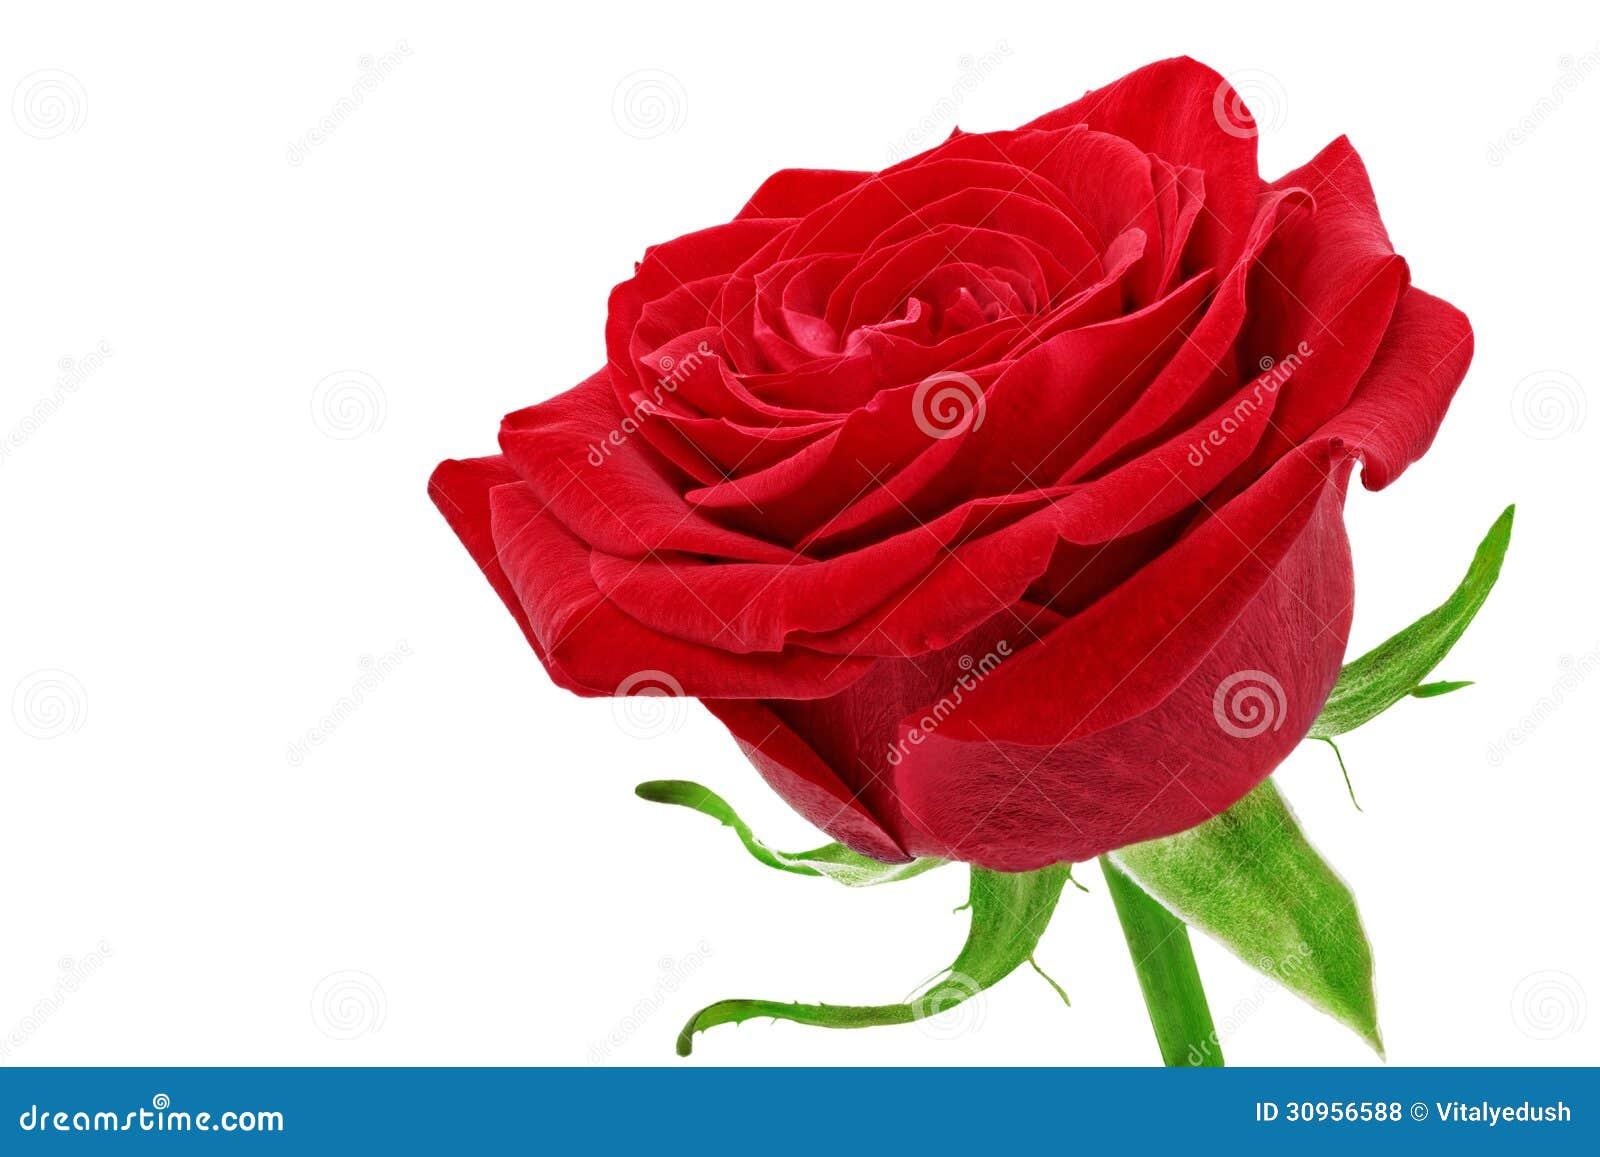 Bello singolo fiore della rosa rossa. Isolato.